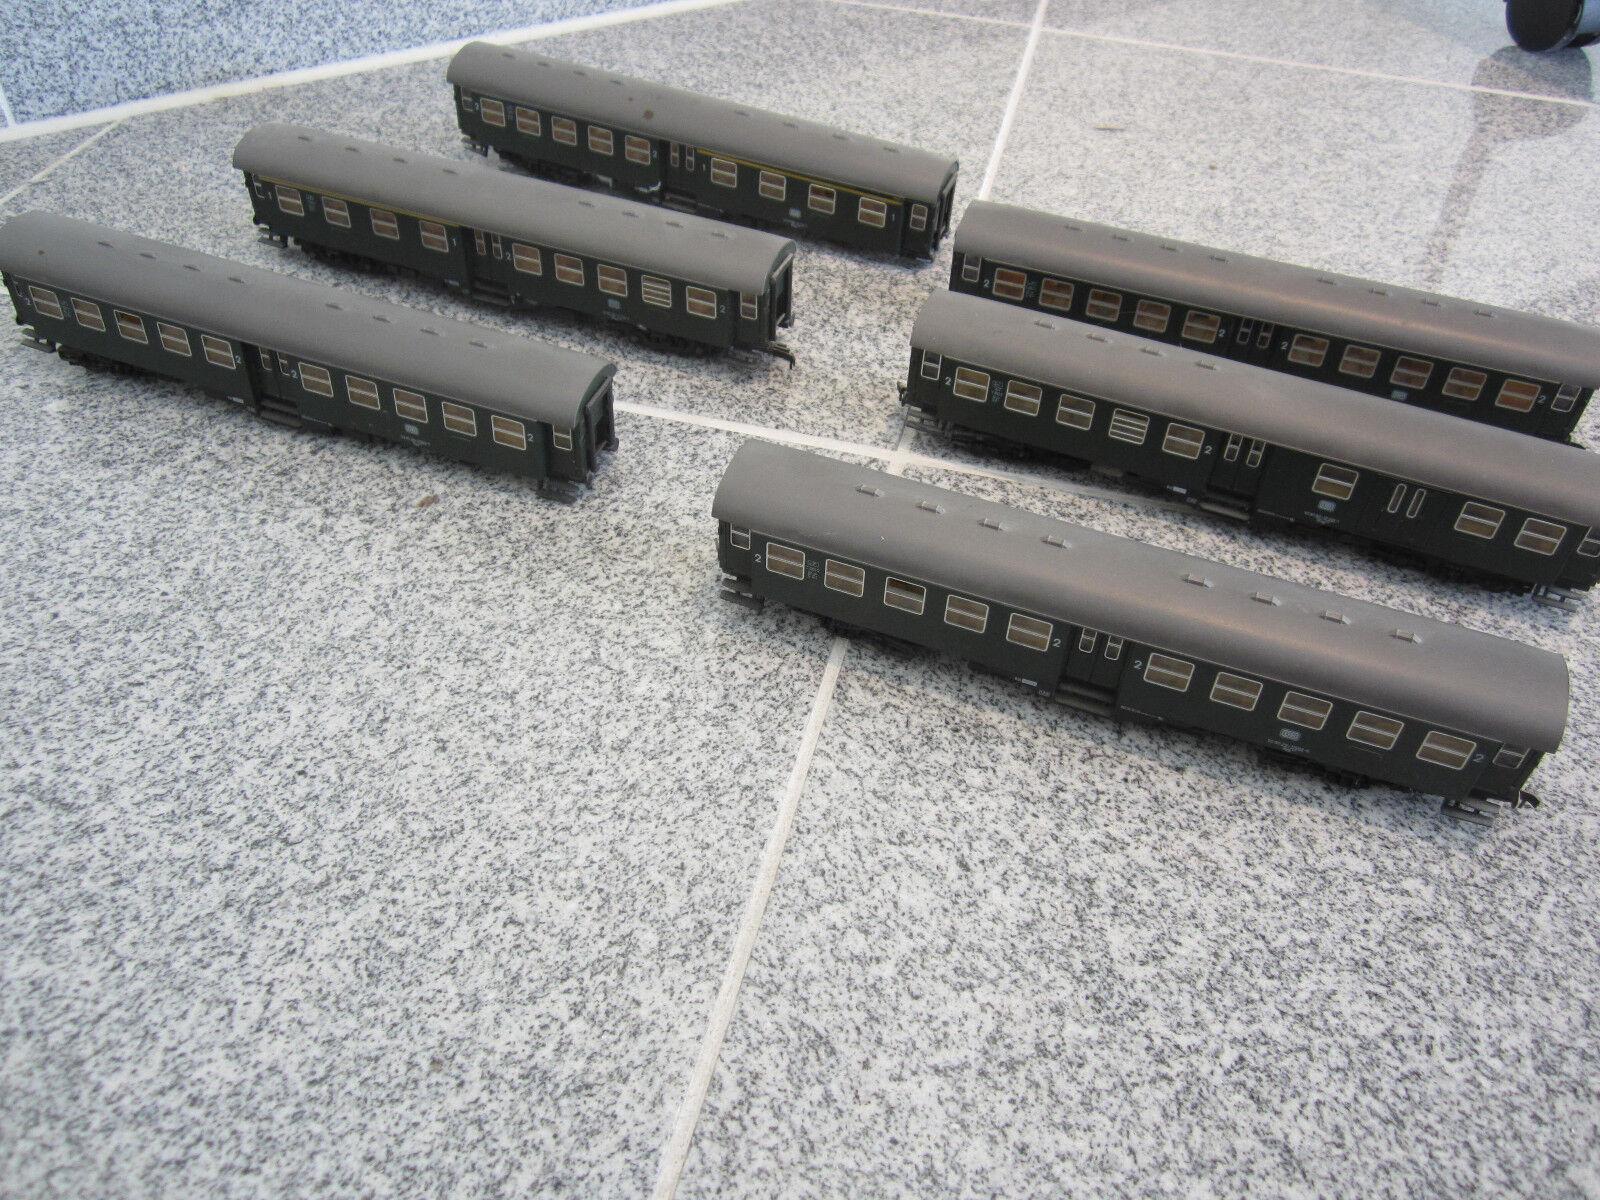 1510-7  ROCO Wagenset vetture passeggeri DB 50 80